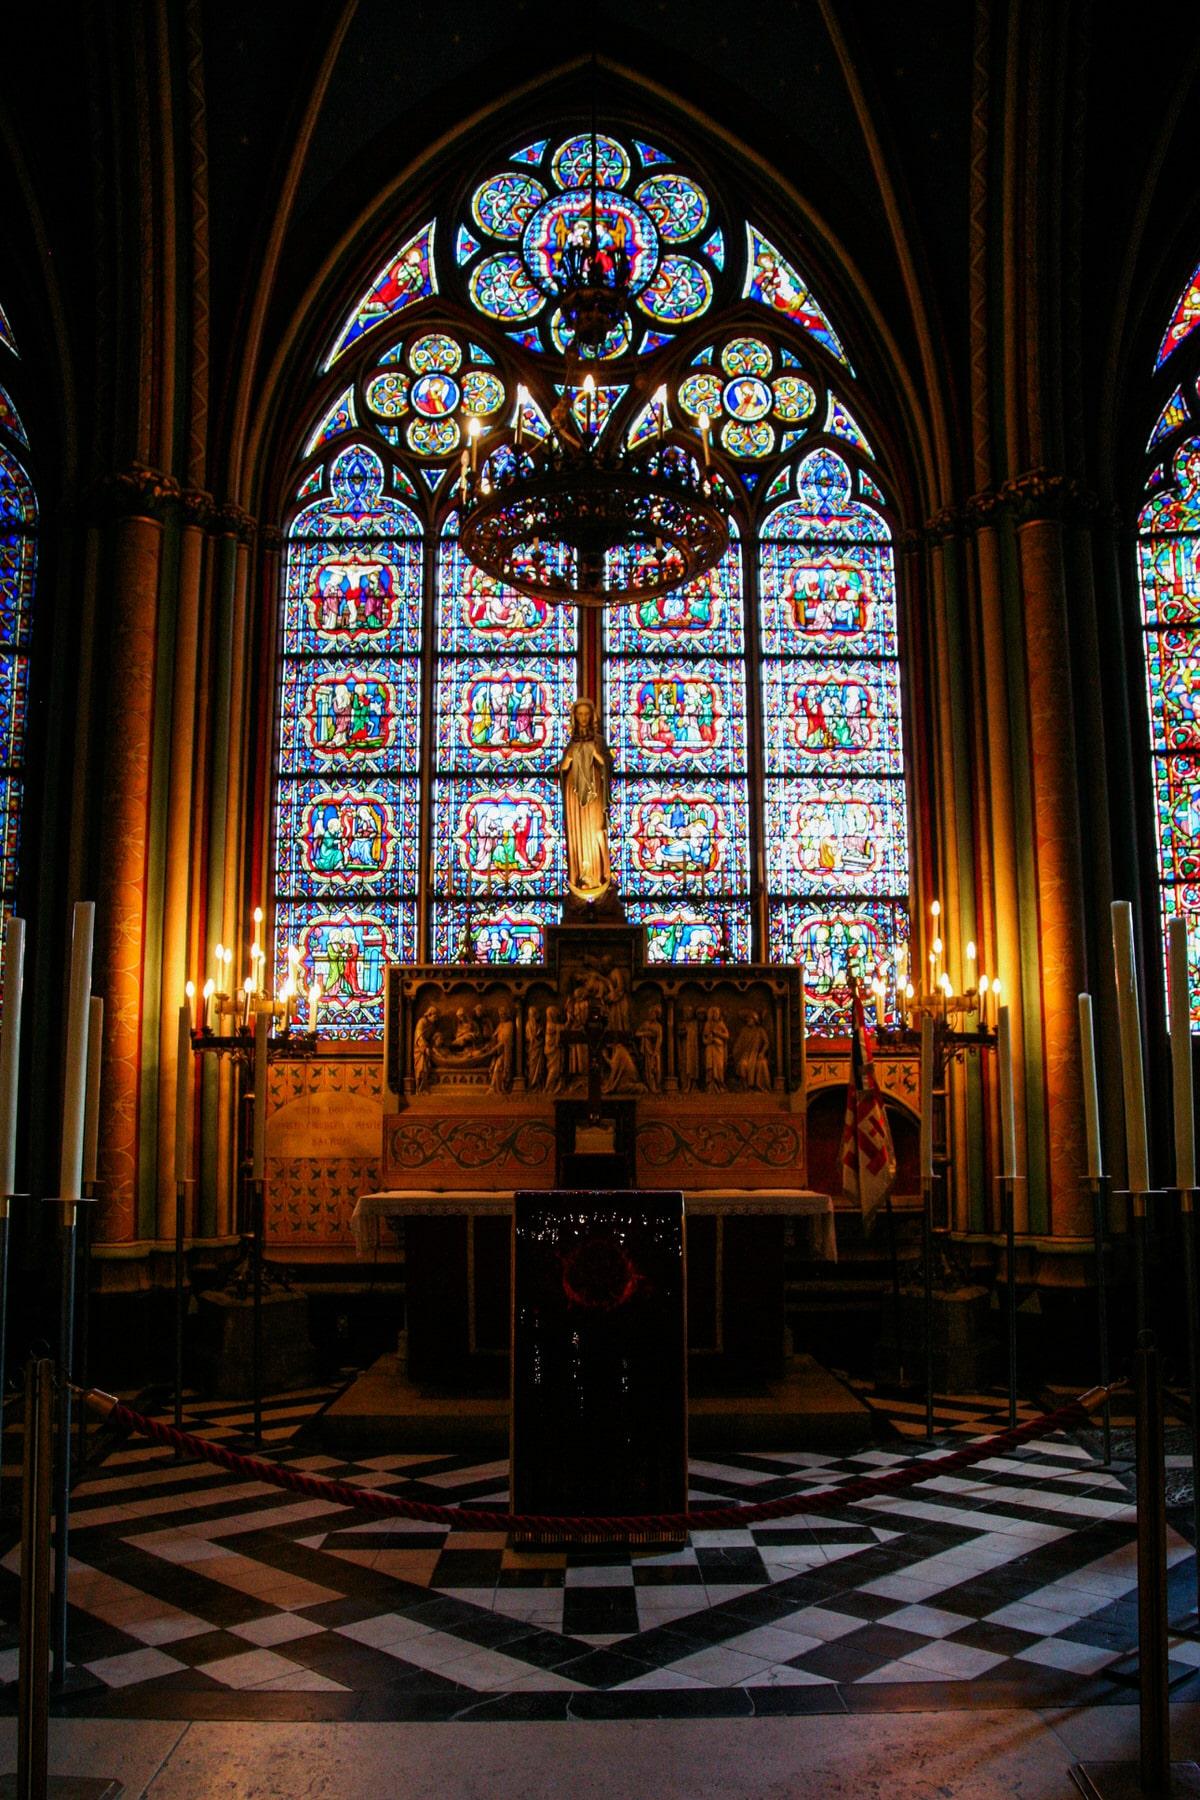 Notre-Dame-Paris-France-fine-art-photography-by-Studio-L-photographer-Laura-Schneider-_4961